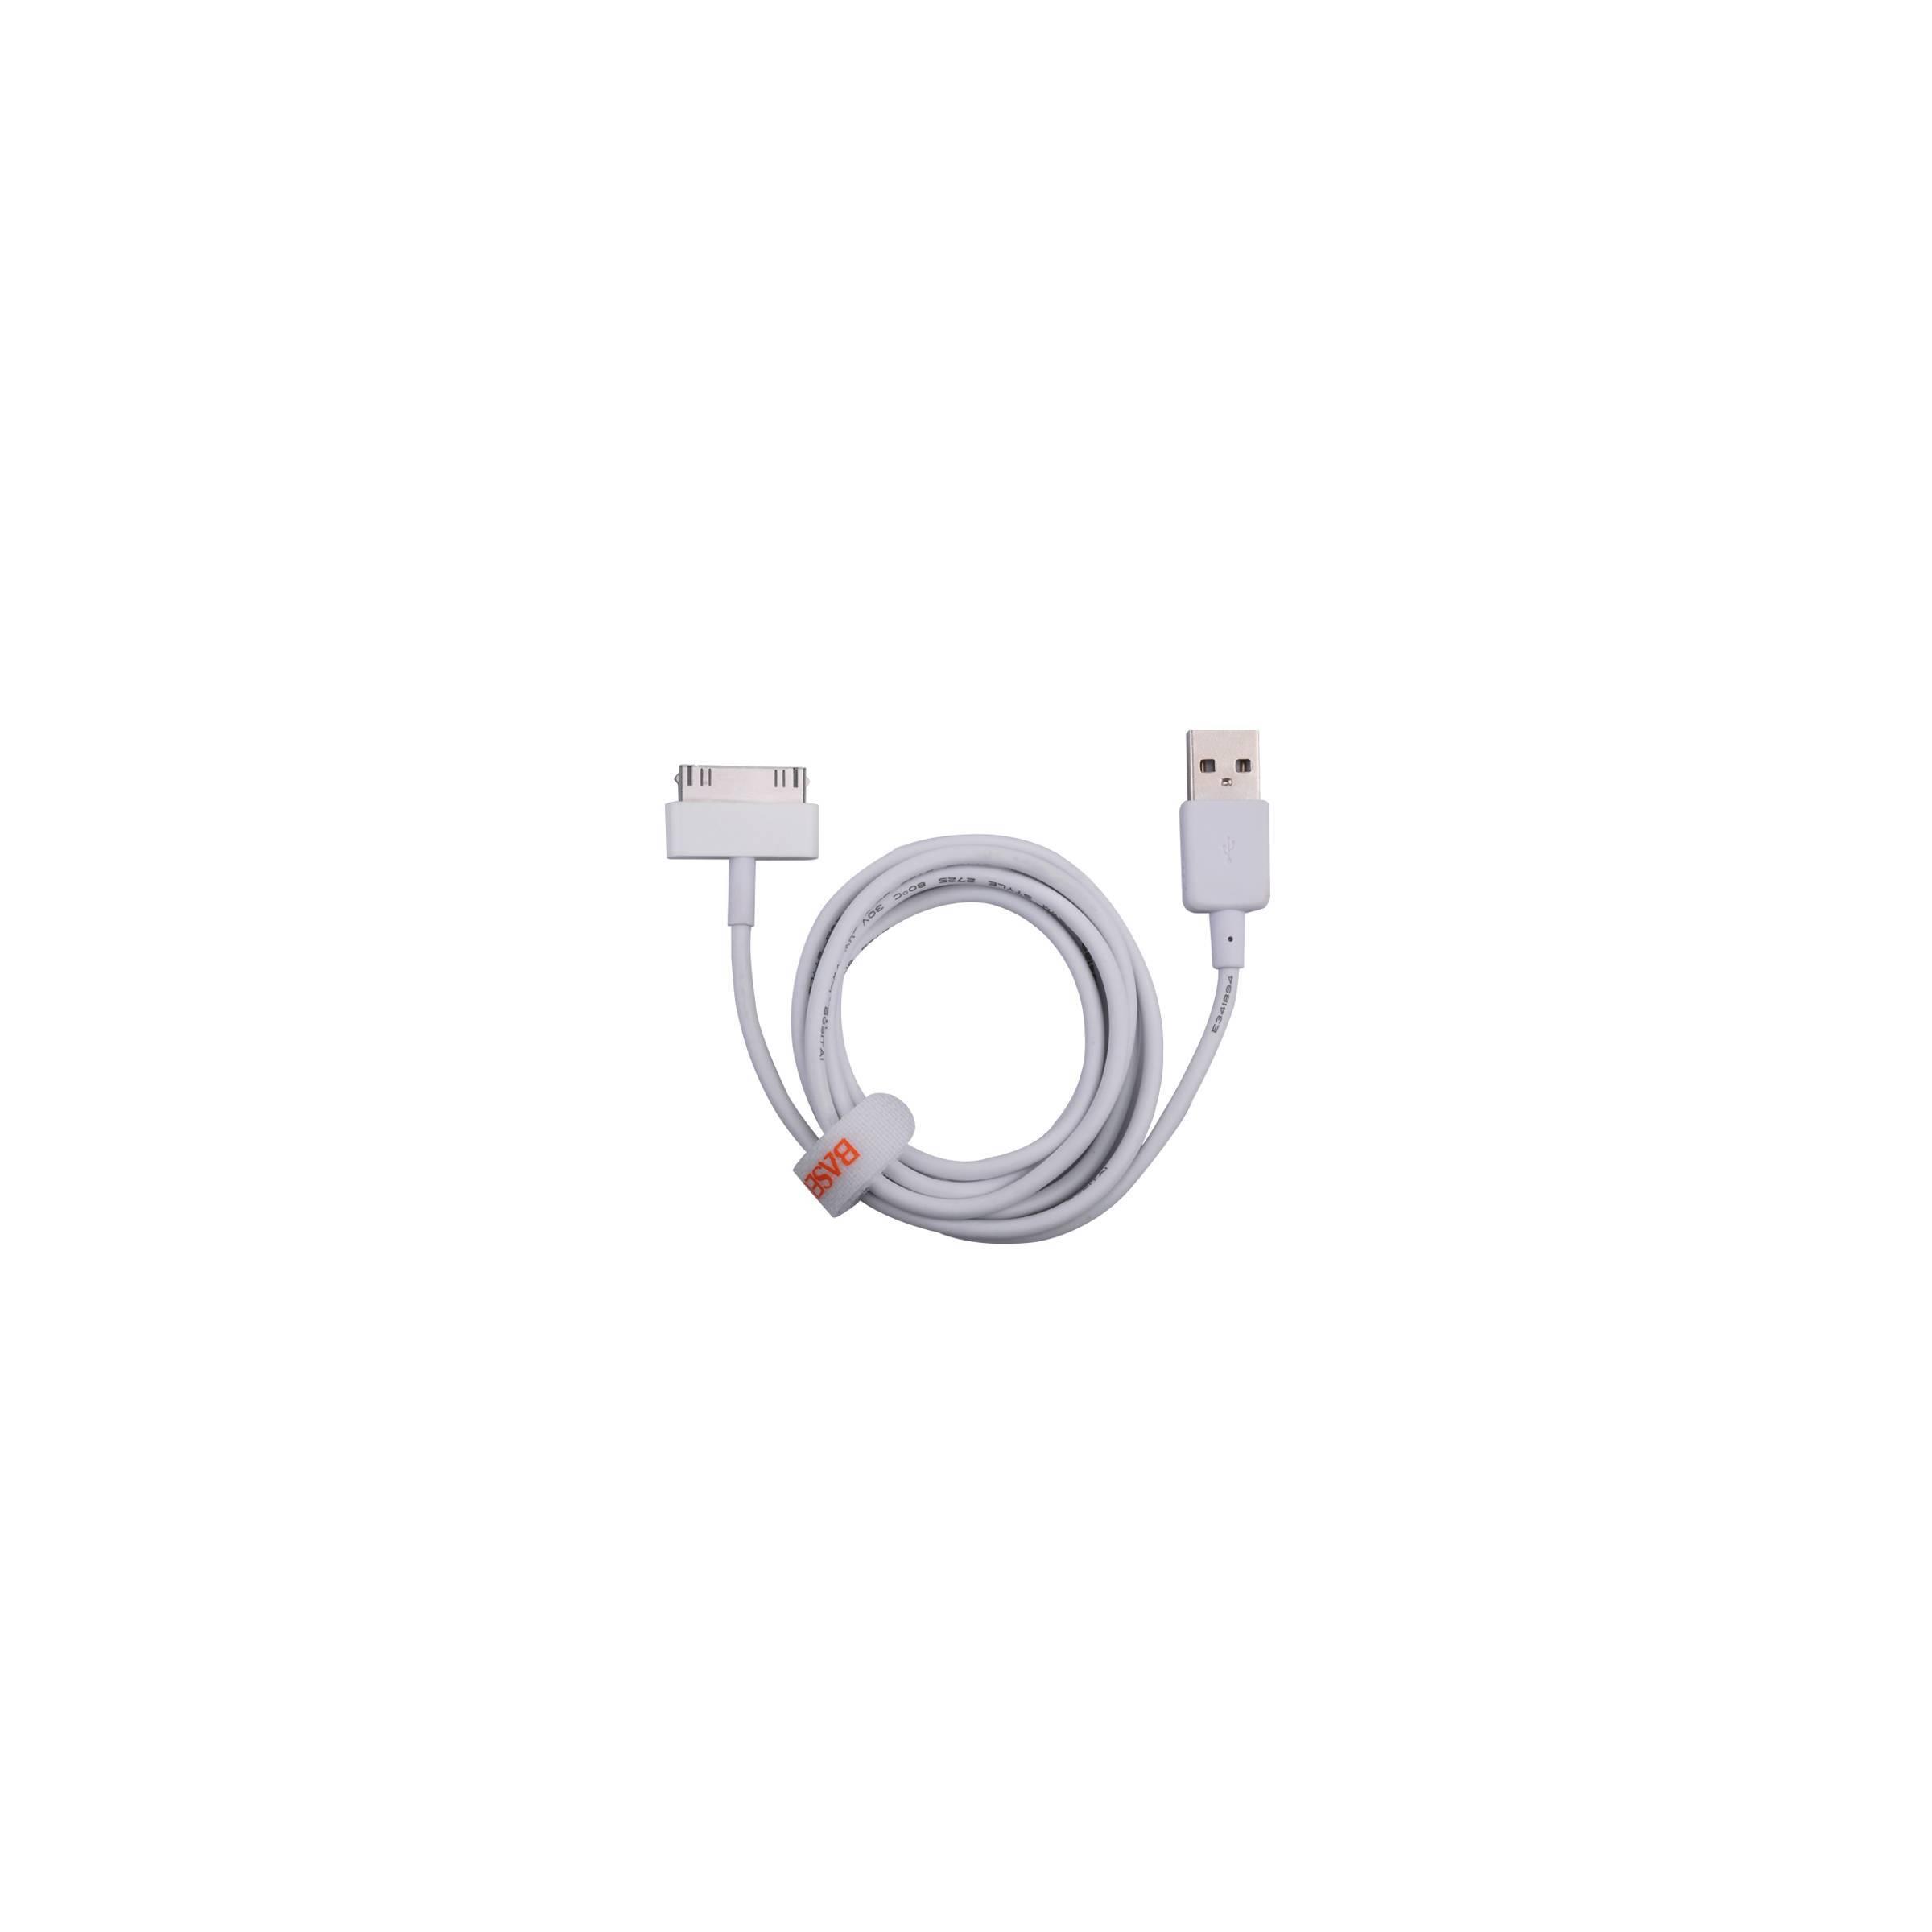 Baseus 30-pin usb kabel fra baseus på mackabler.dk